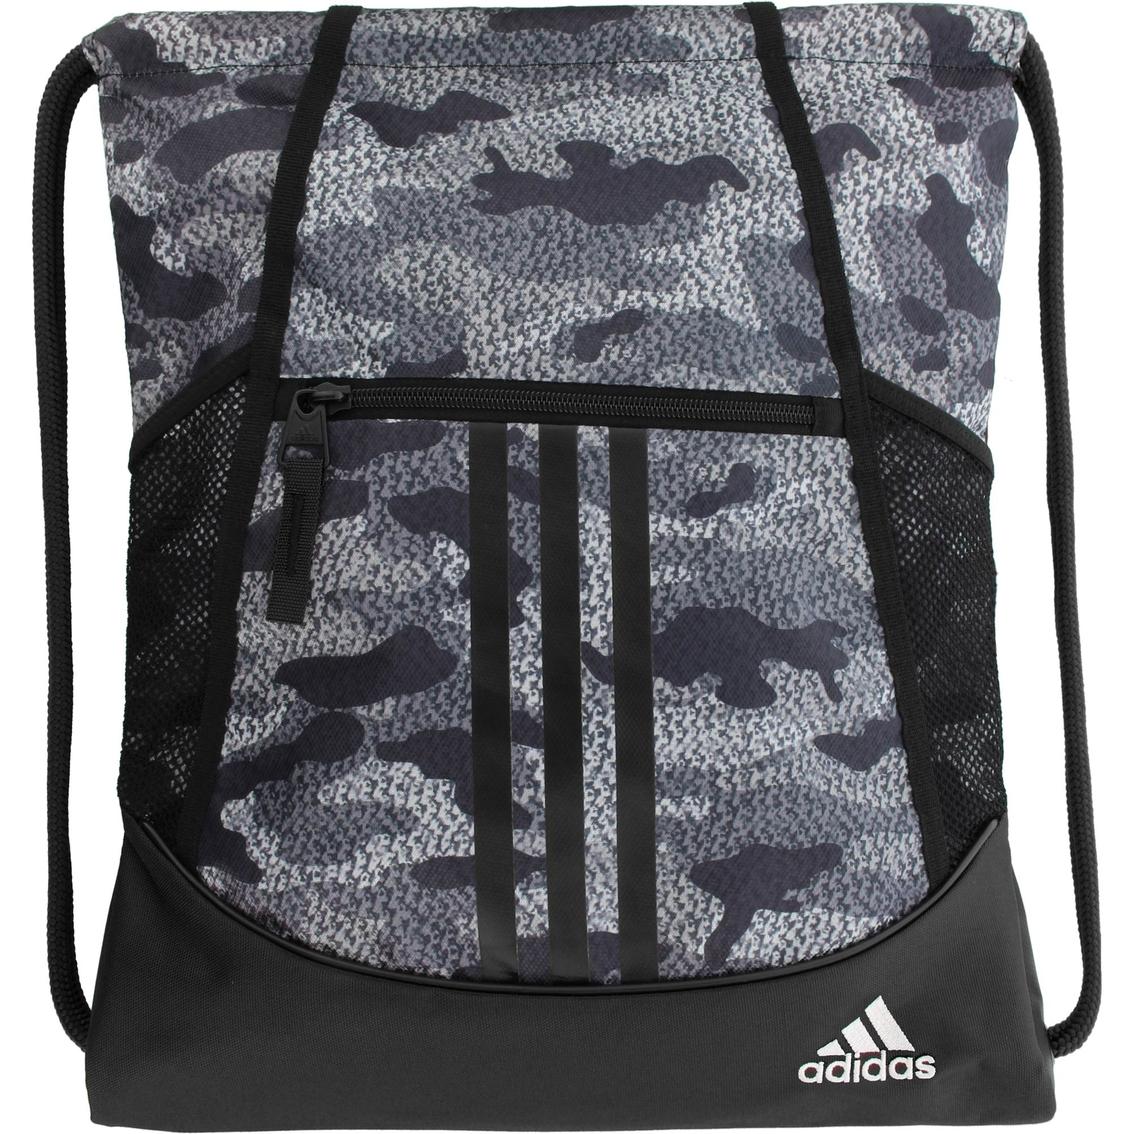 Adidas Alliance II sackpack mochilas más compras el intercambio